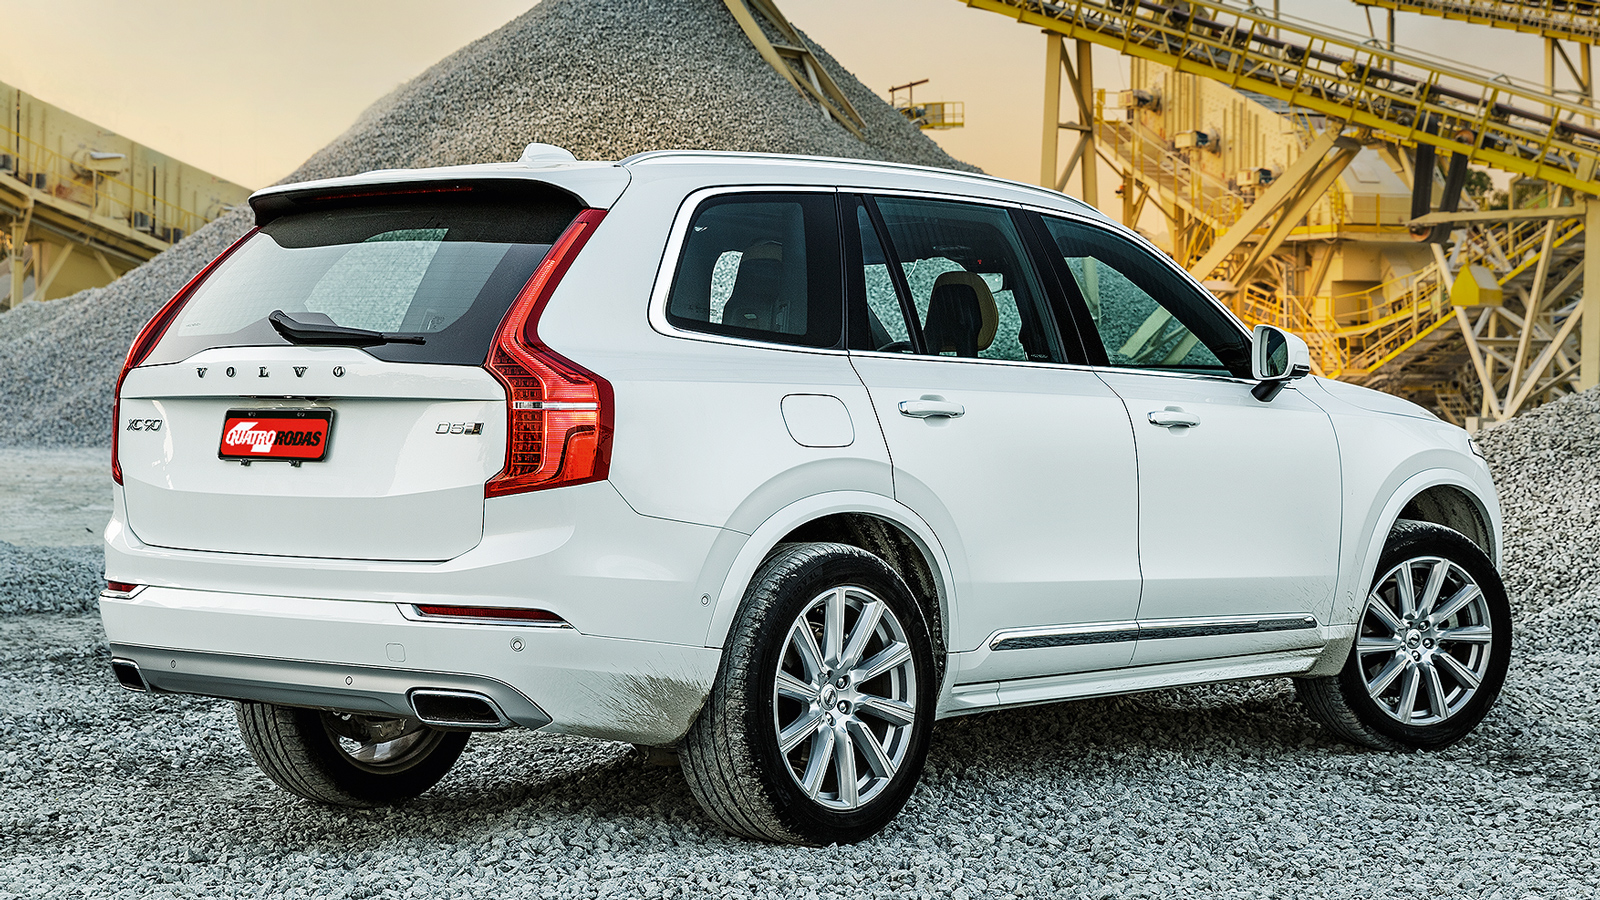 Menor, o Volvo leva a melhor no trânsito